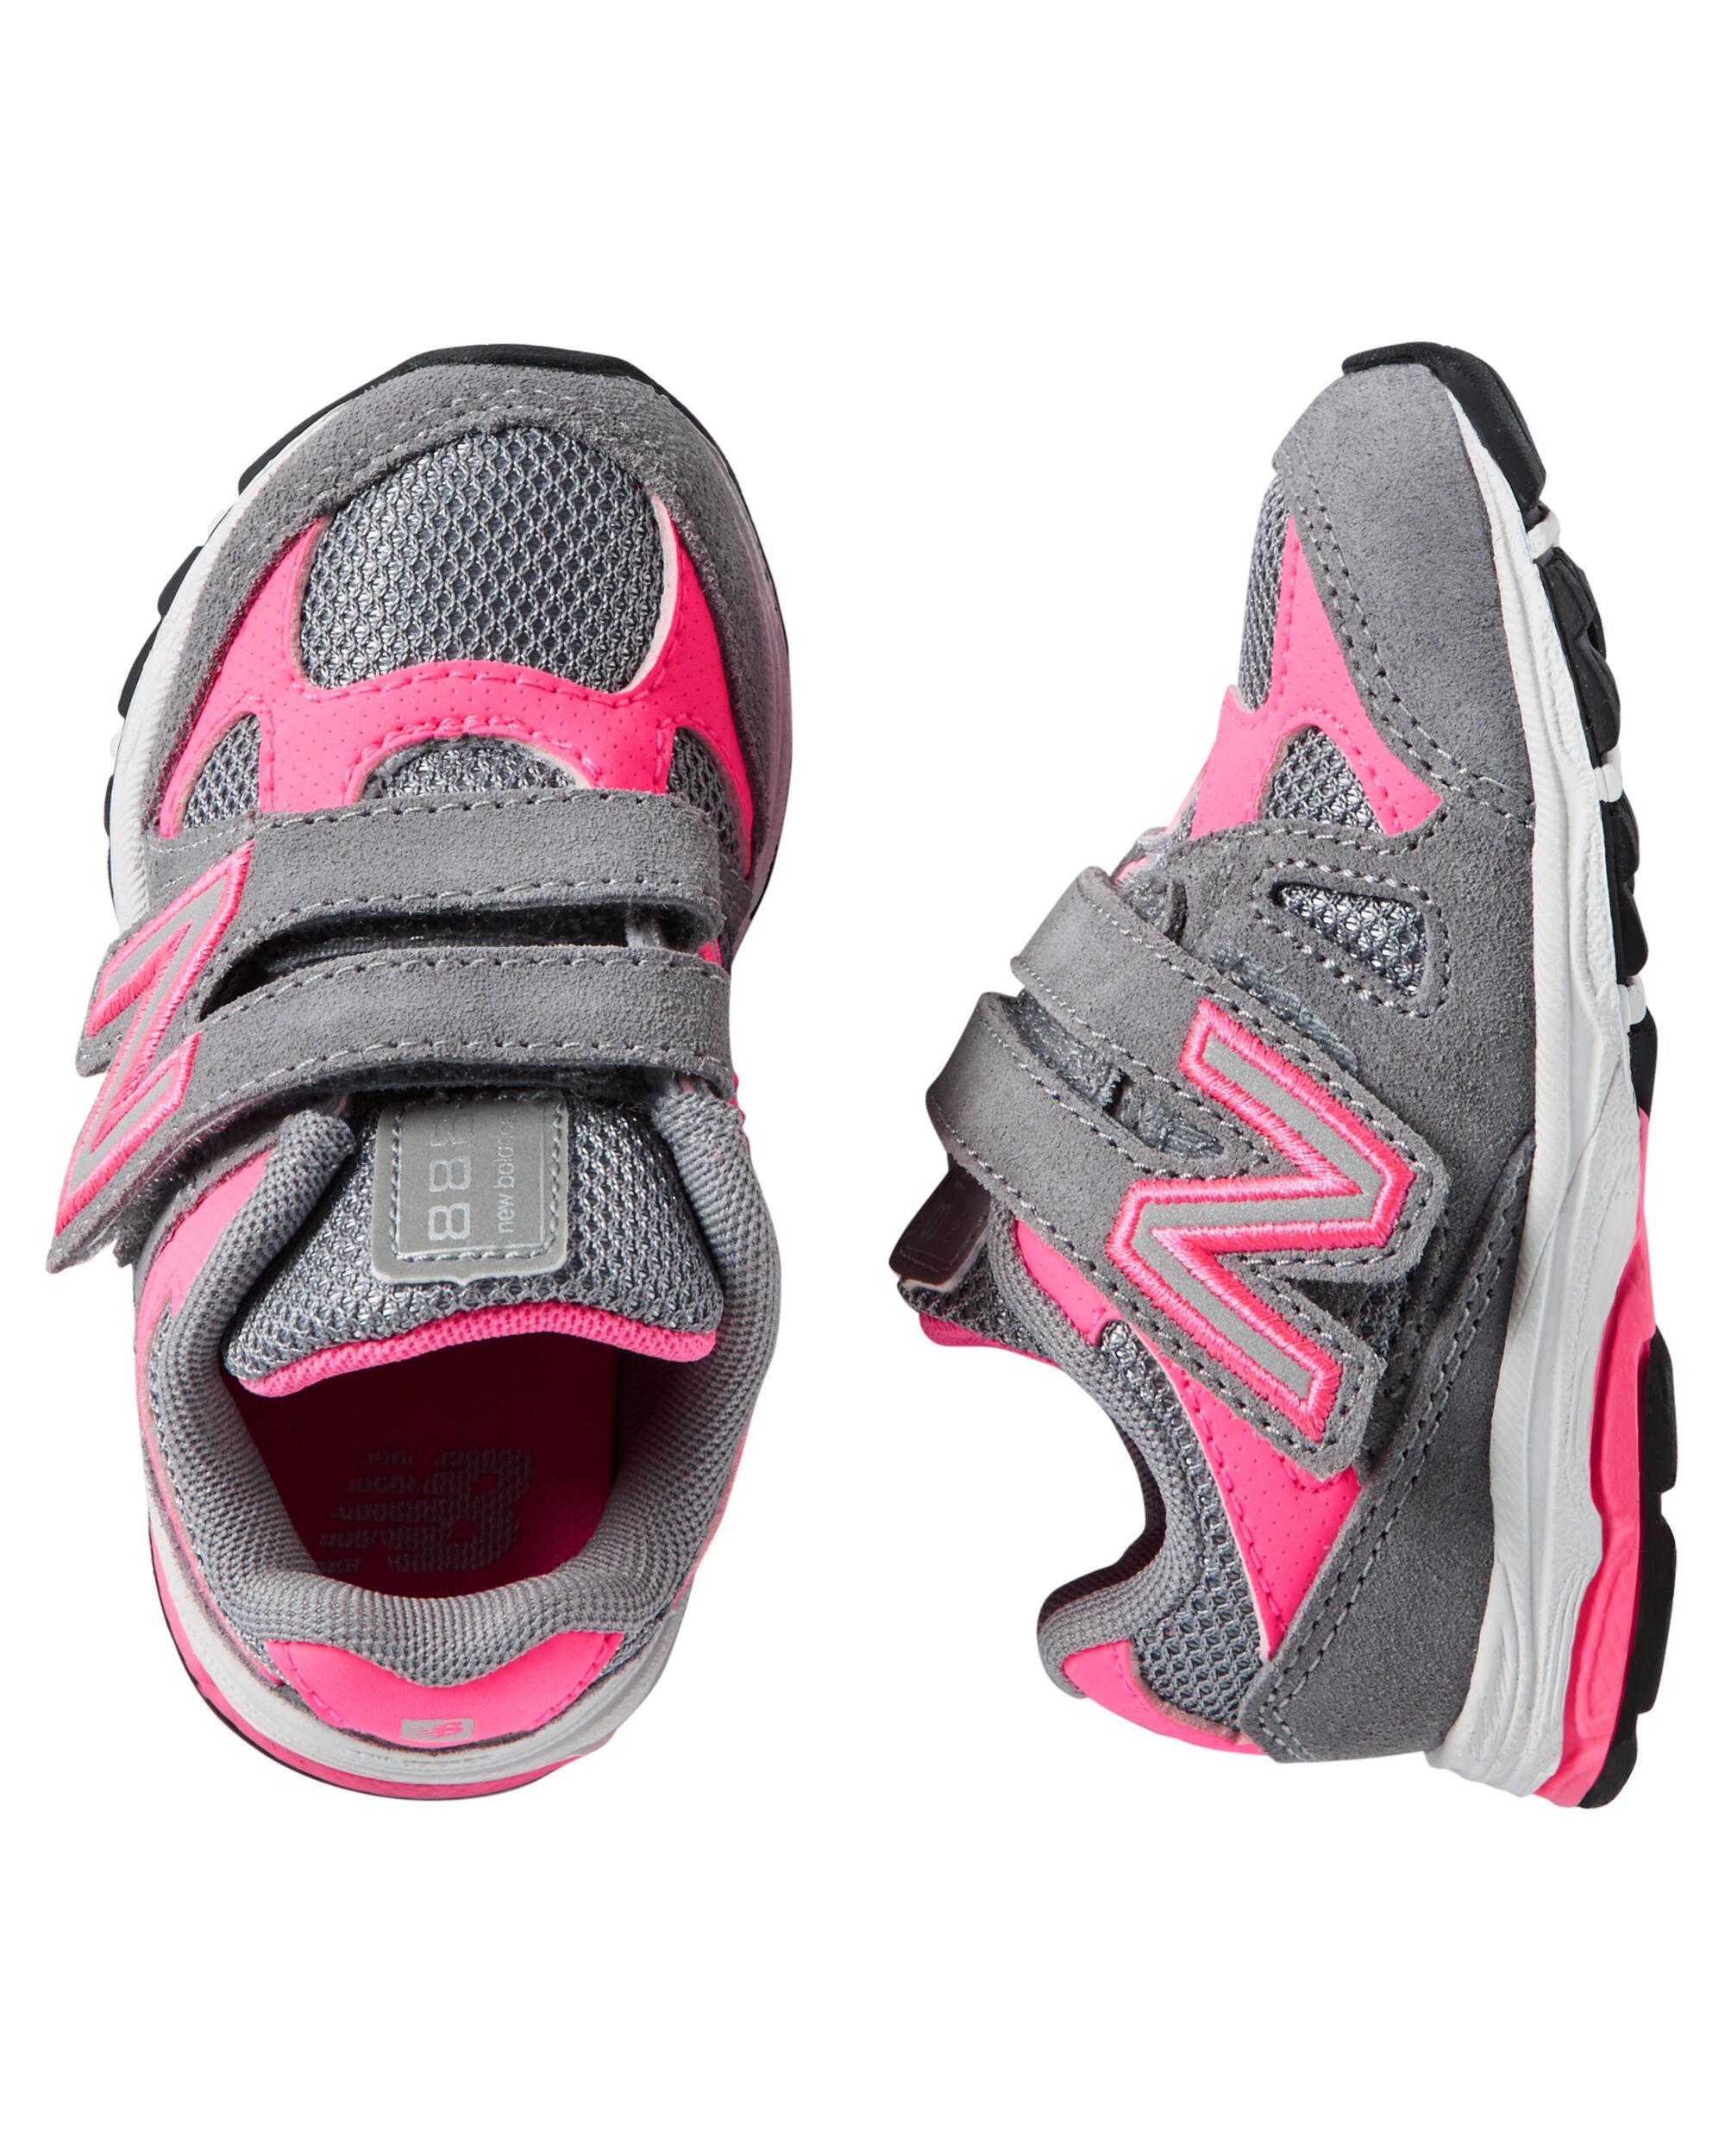 New Balance Hook \u0026 Loop 888 Sneakers